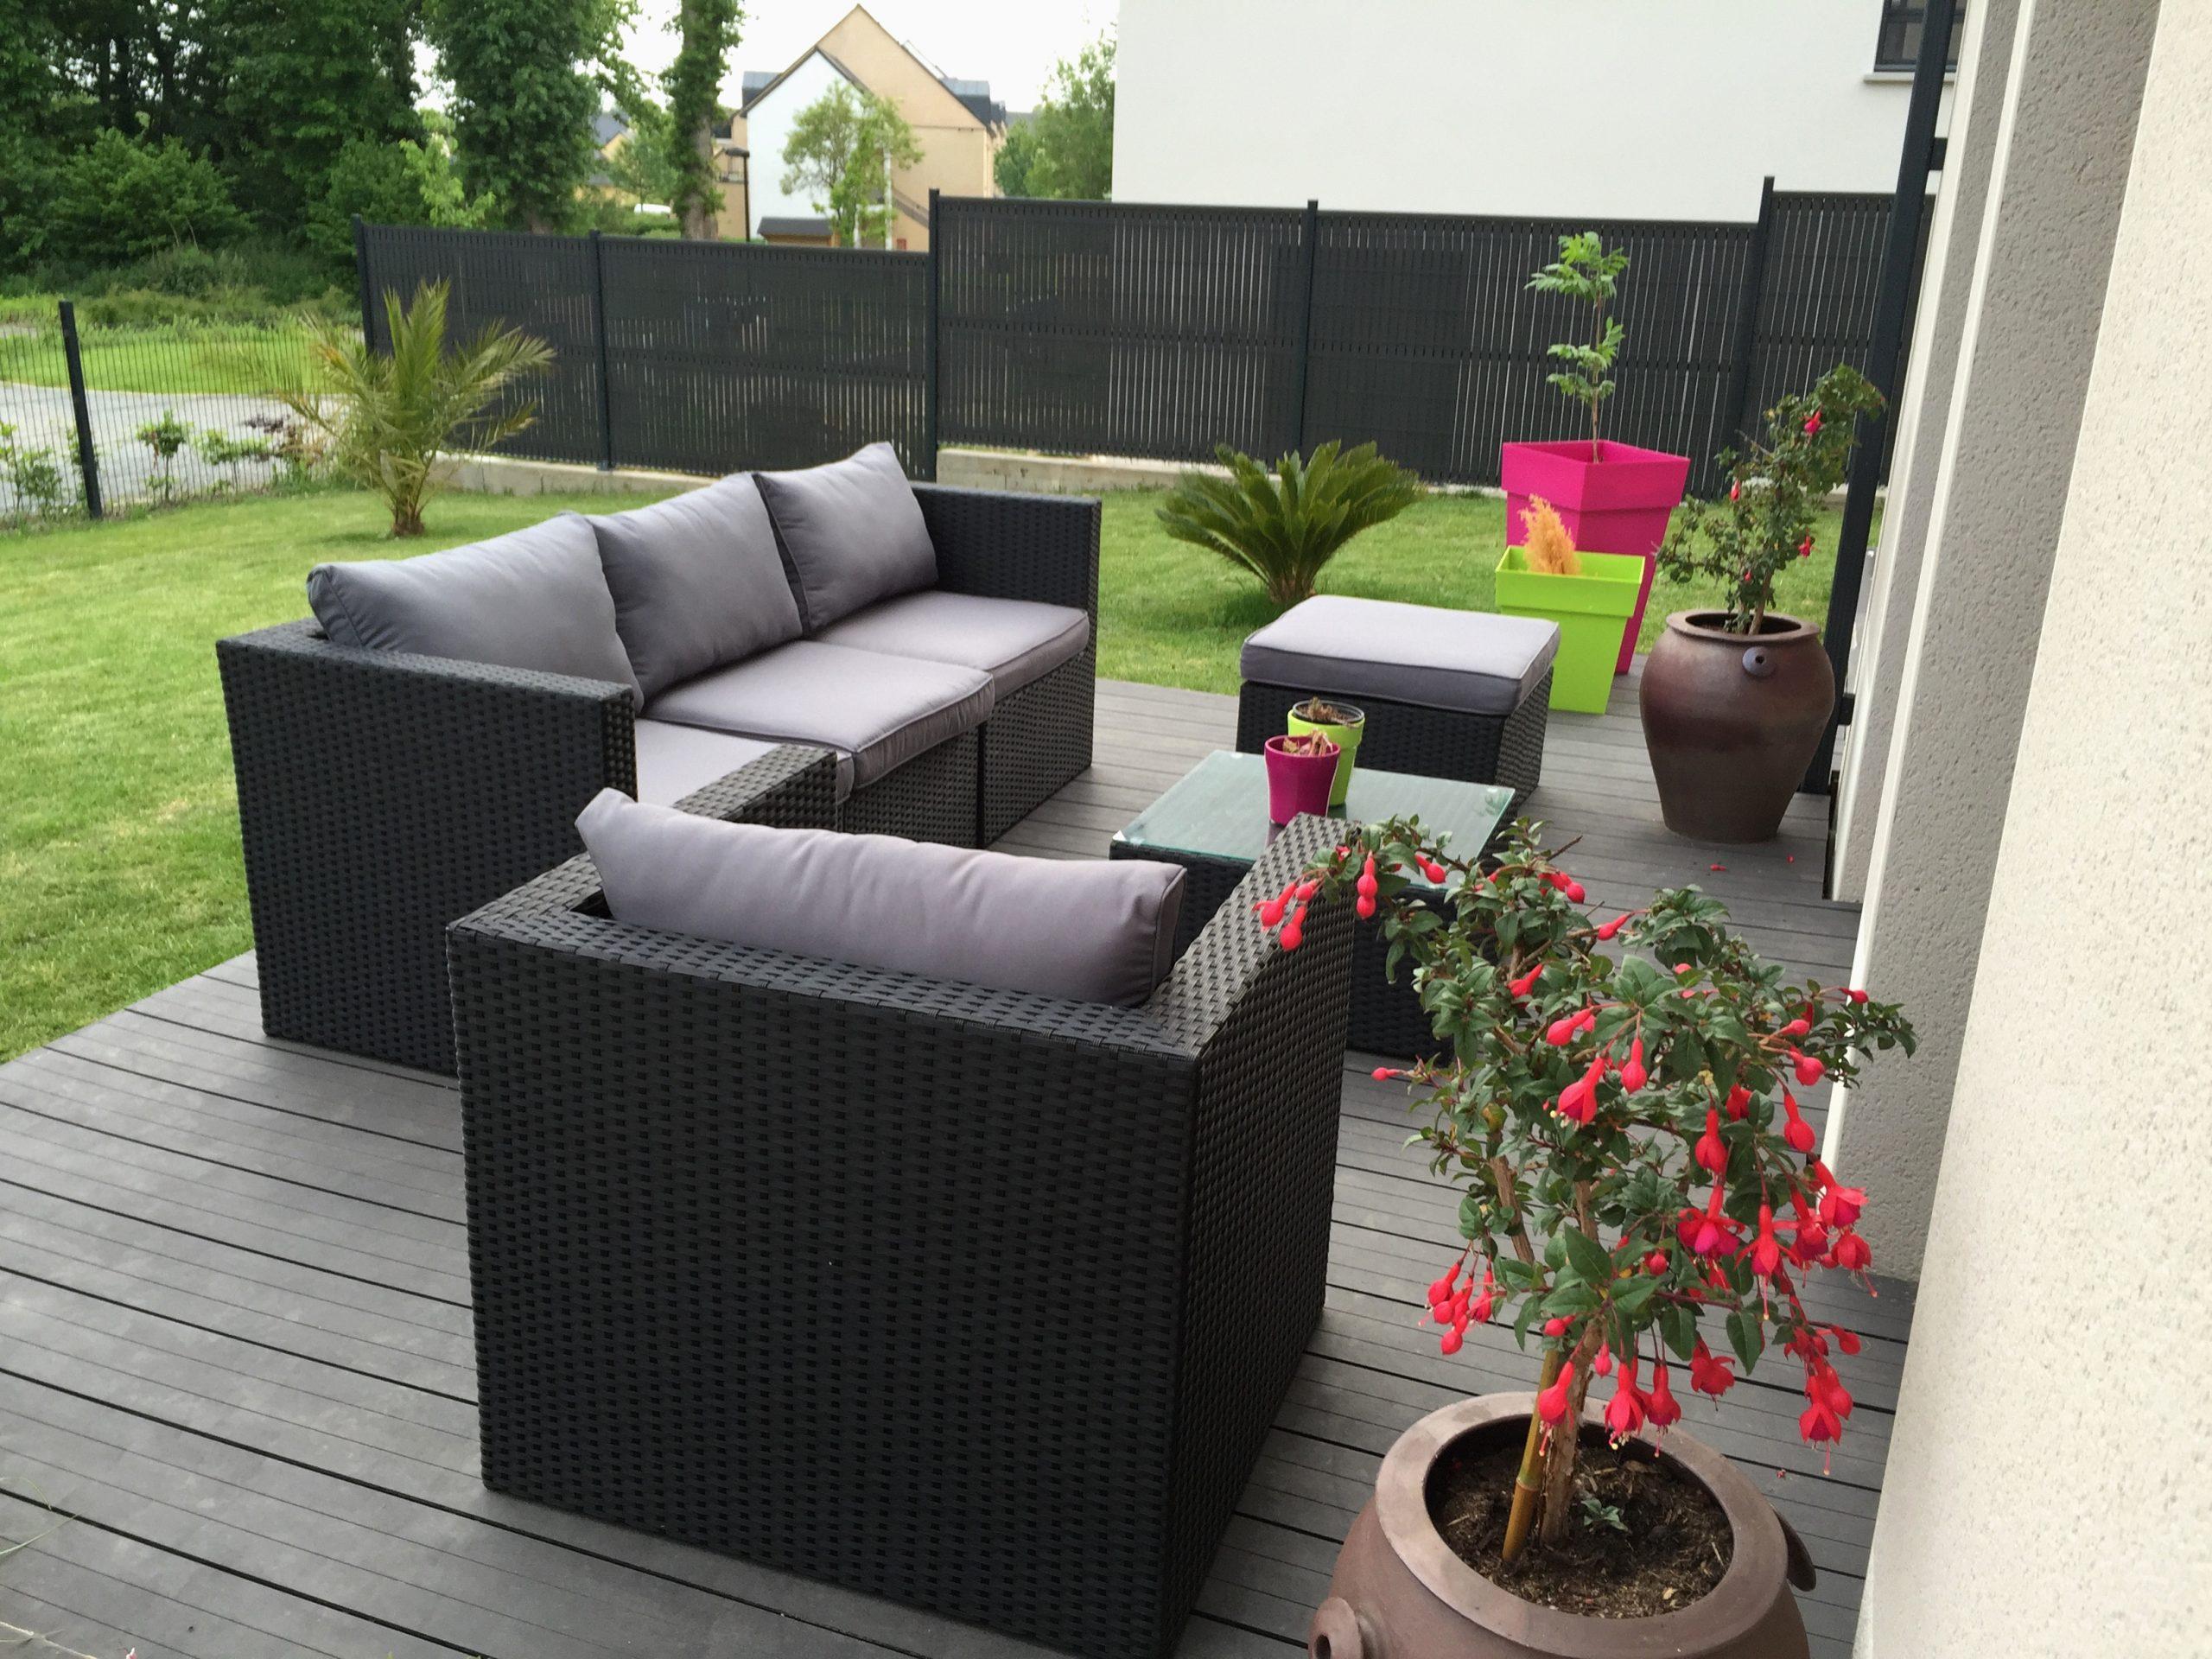 Salon De Jardin Pas Cher Amazone Meilleures Fauteuil Relax ... encequiconcerne Salon De Jardin Pas Cher Amazon